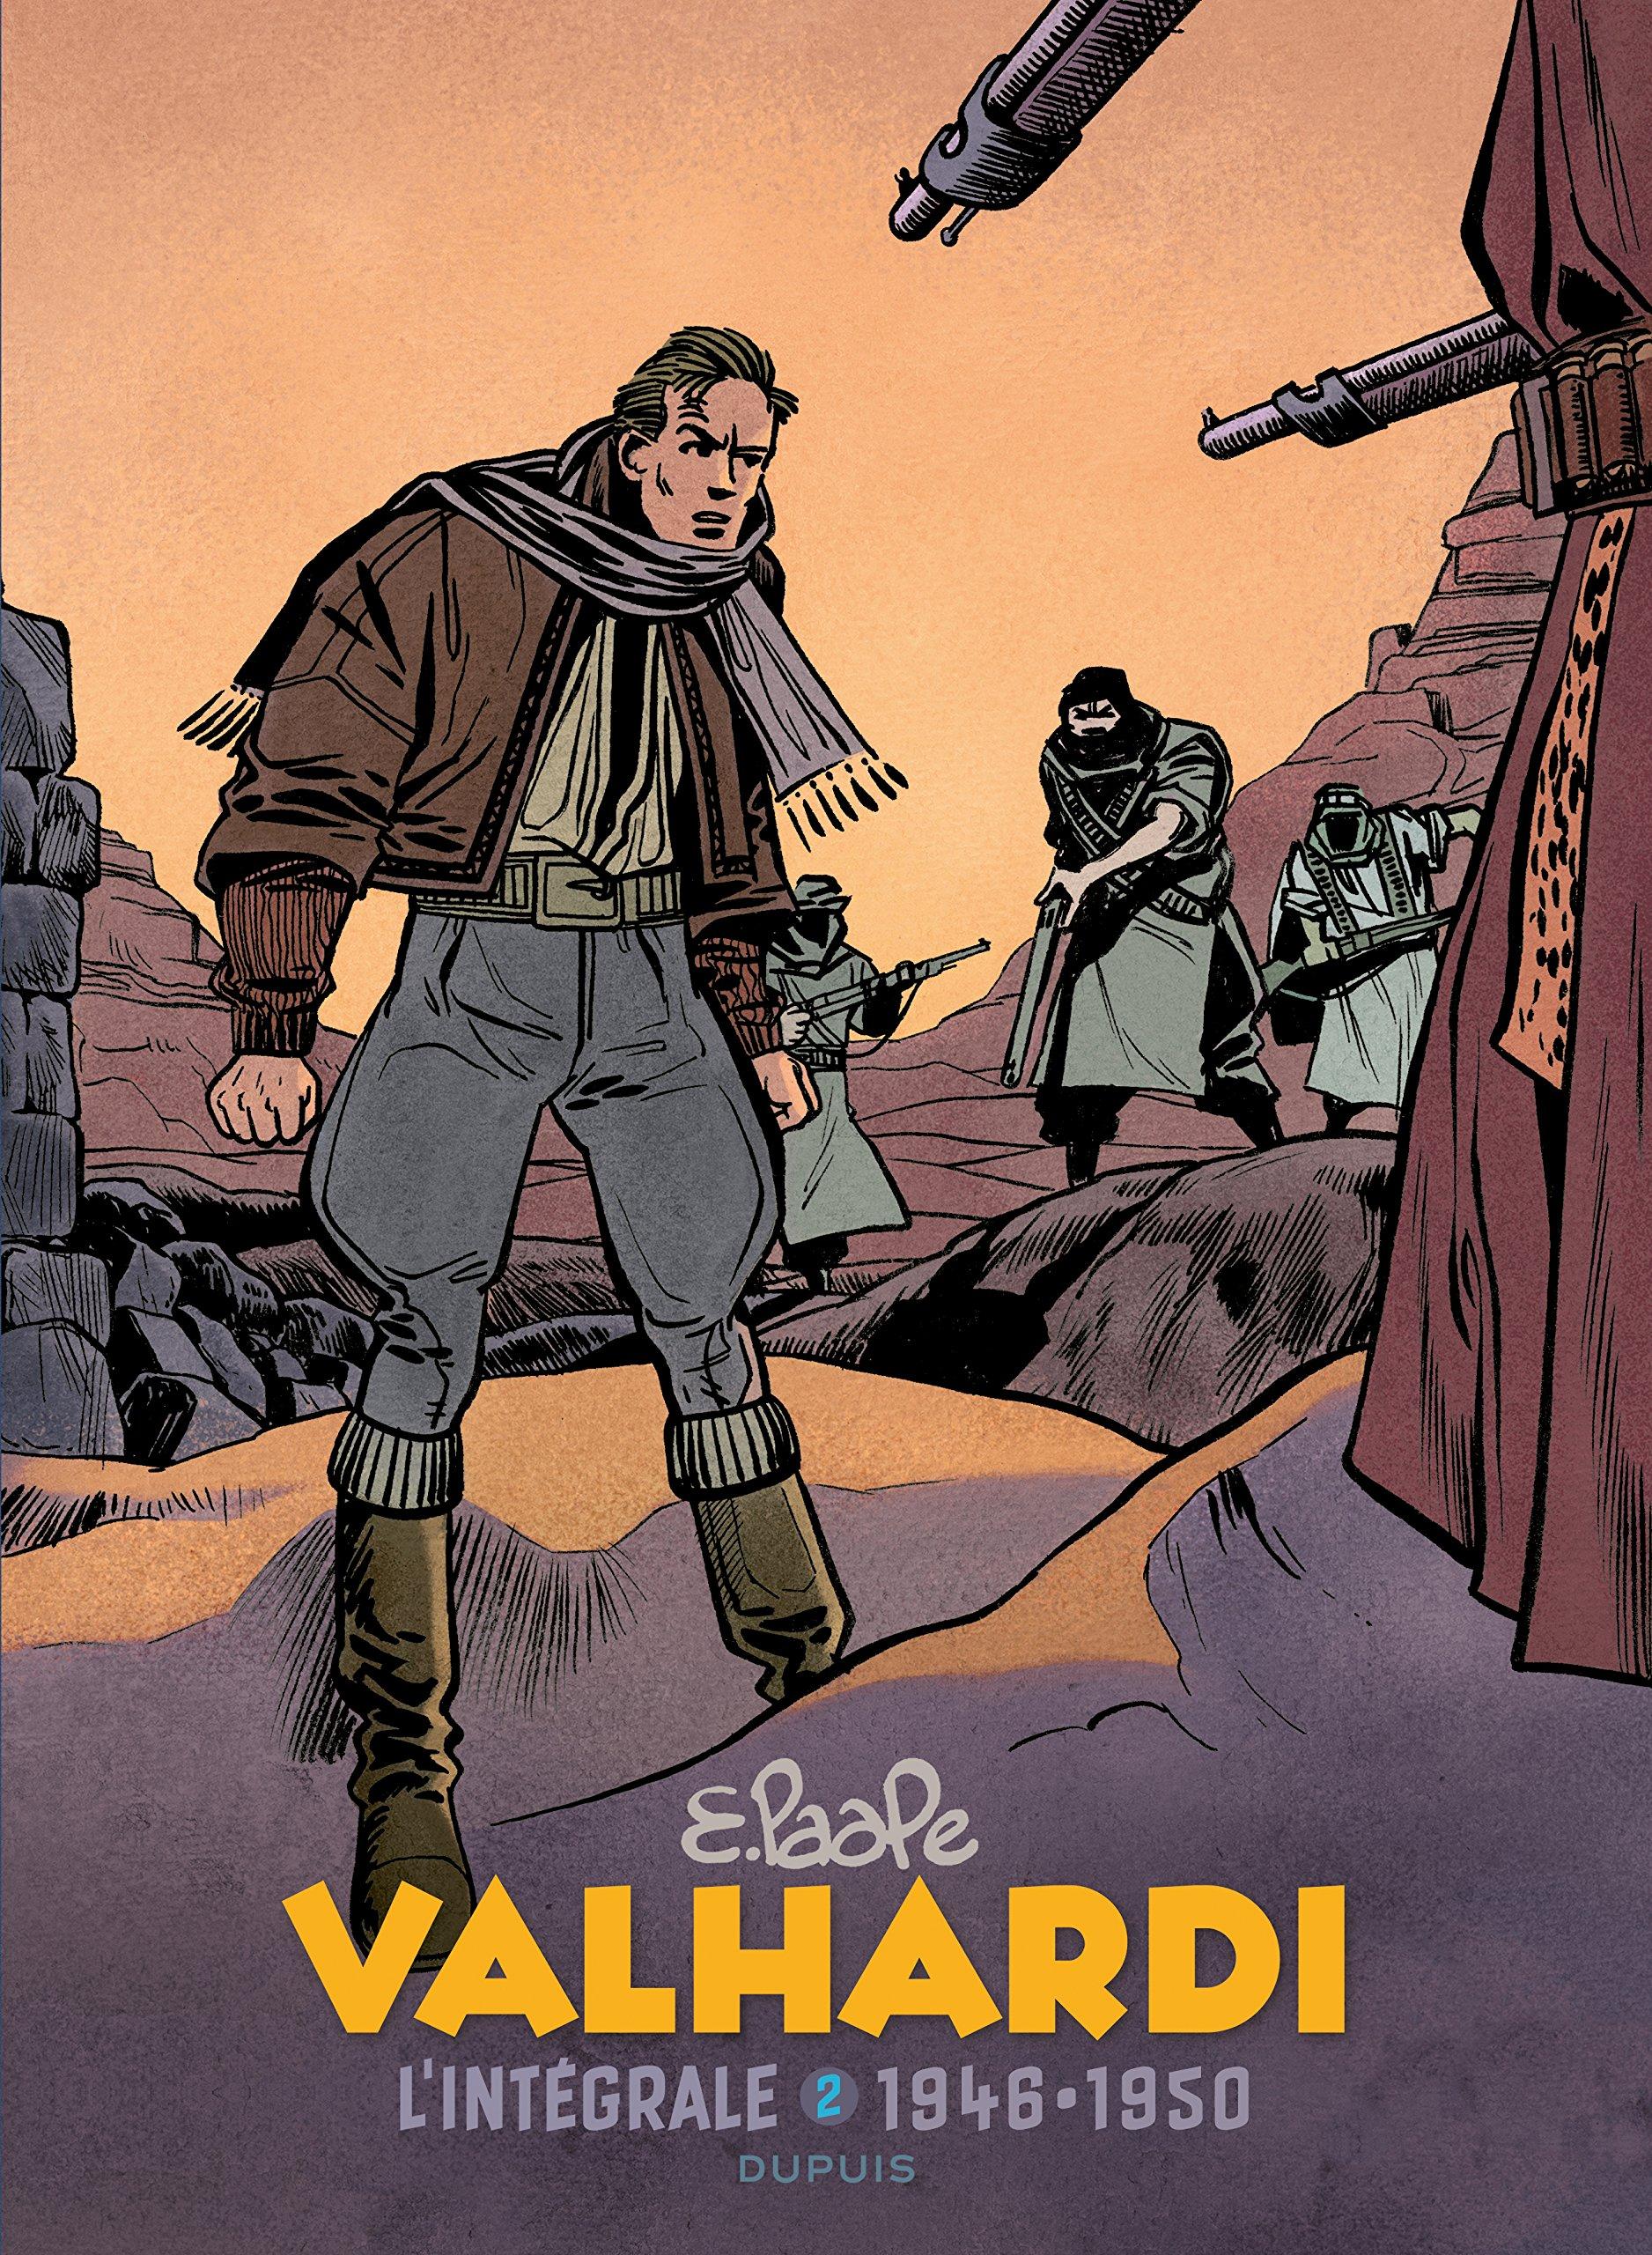 Les aventures de Jean Valhardi 2 - Intégrale 2